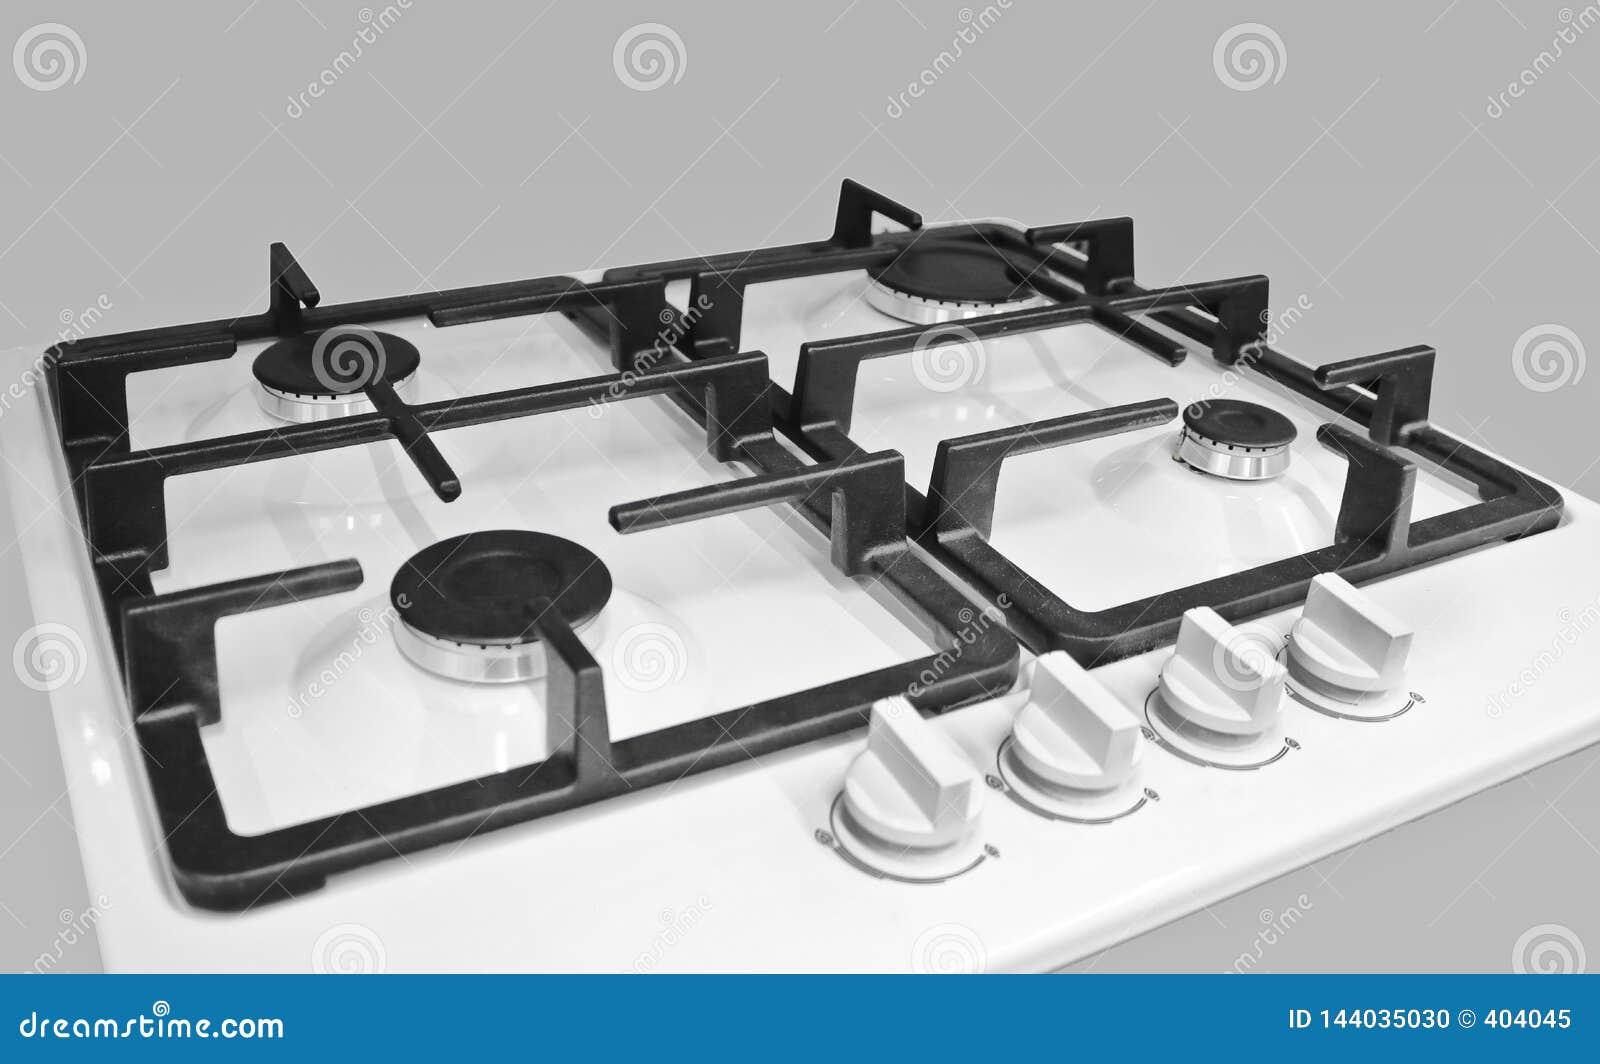 Nueva estufa de gas moderna con cuatro hornillas para la cocina, superficie esmaltada blanca